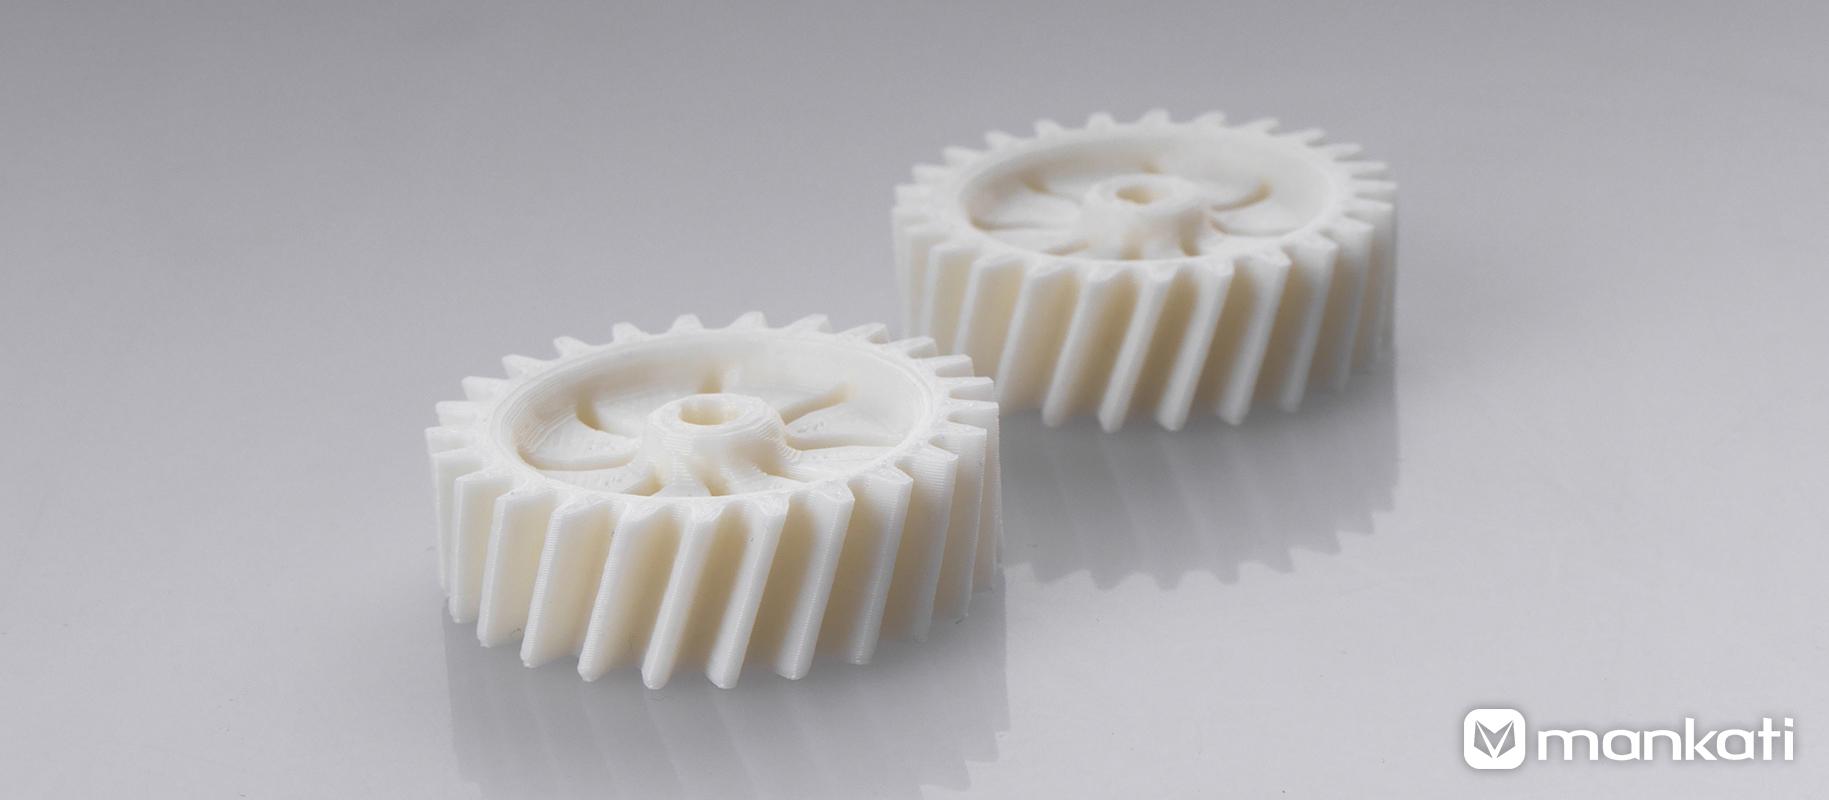 耐紫外线耐老化的ASA材料,尼龙桌面级3D打印机,大尺寸打印机,工业级打印机